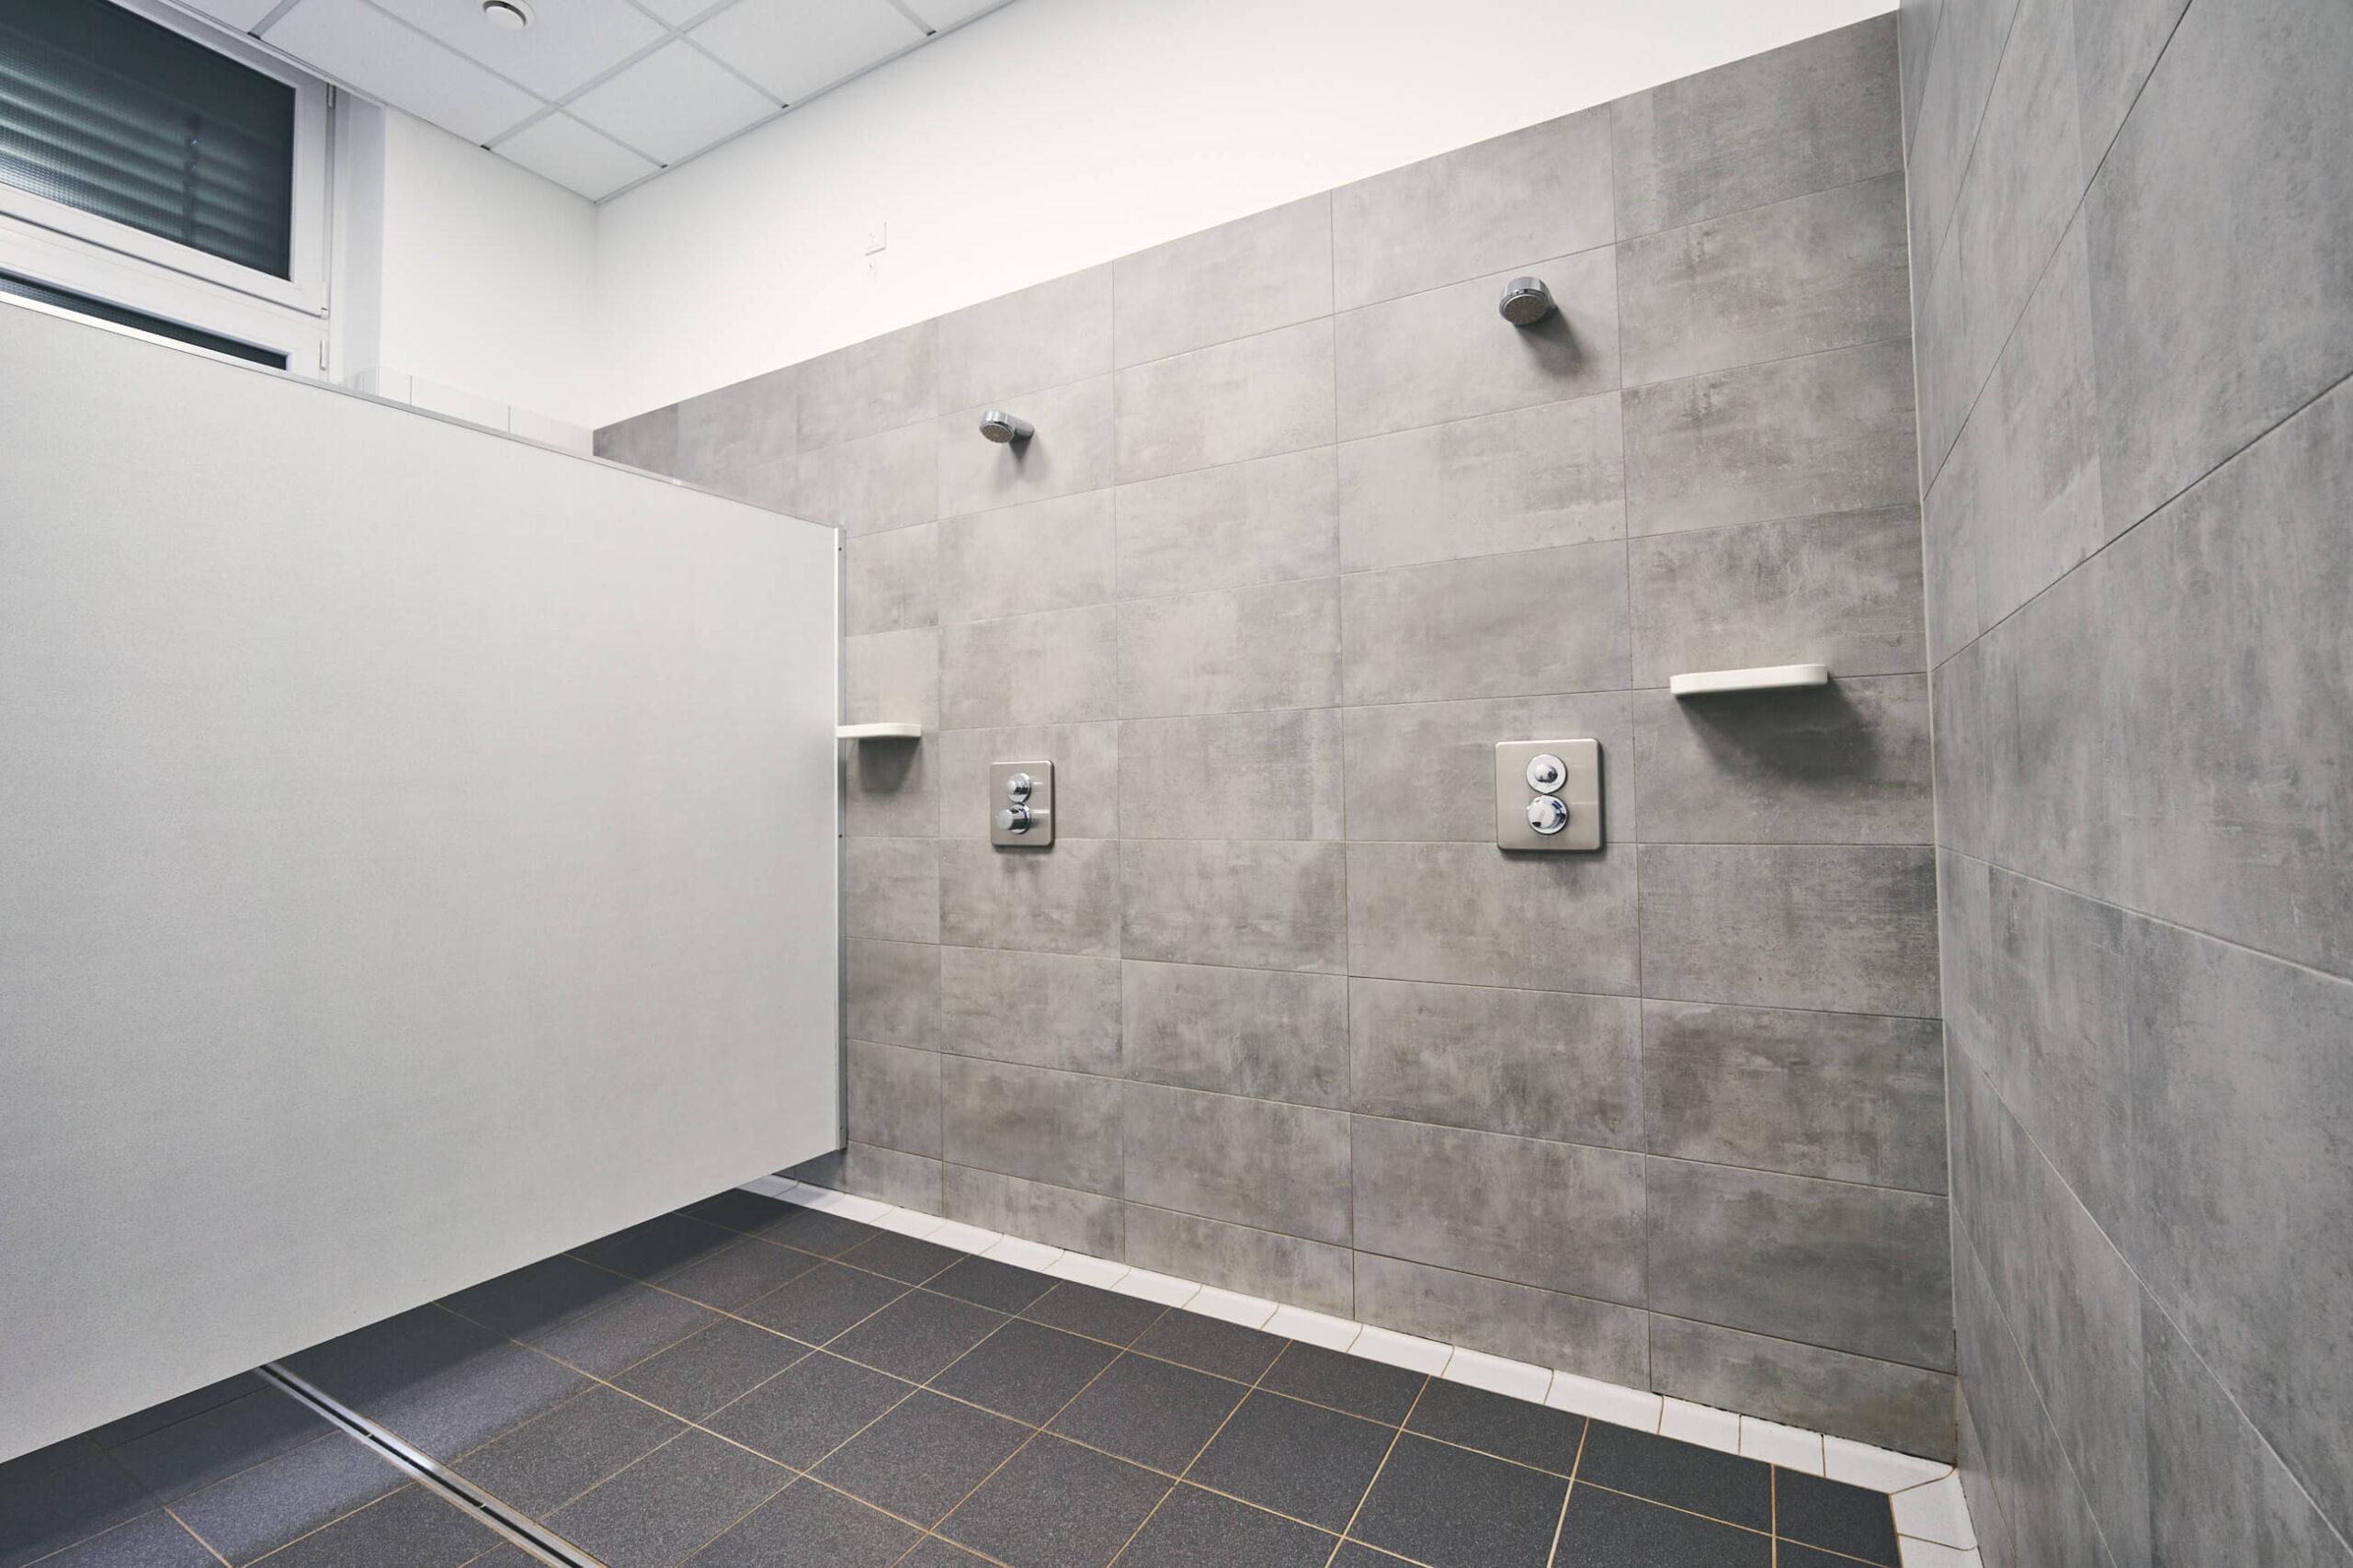 Diese Abbildung zeigt eine Dusche